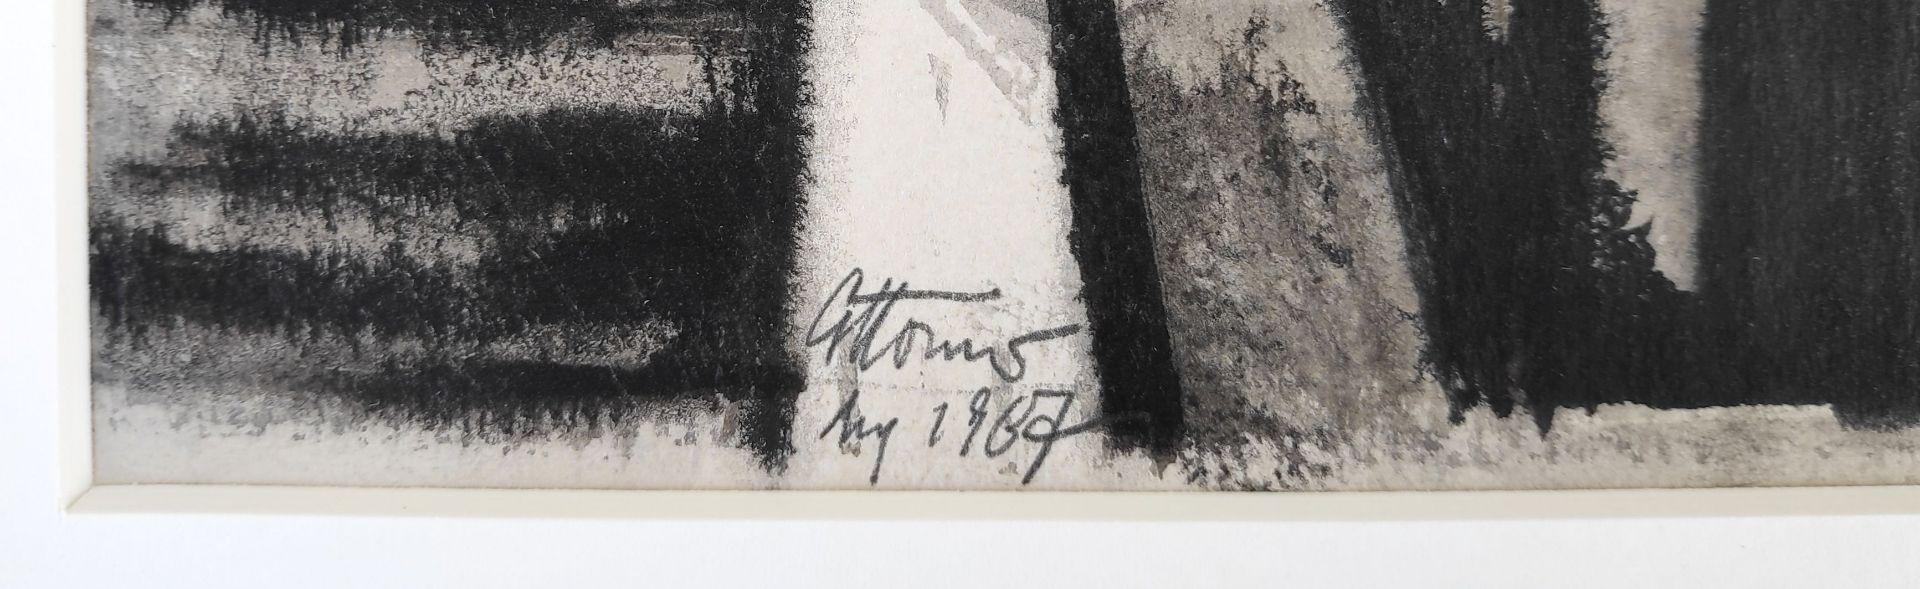 """Körner, Gottfried (1927 Werdau, - 2015 Dresden) """"Warnemünde - Am Strom"""" - Bild 3 aus 3"""